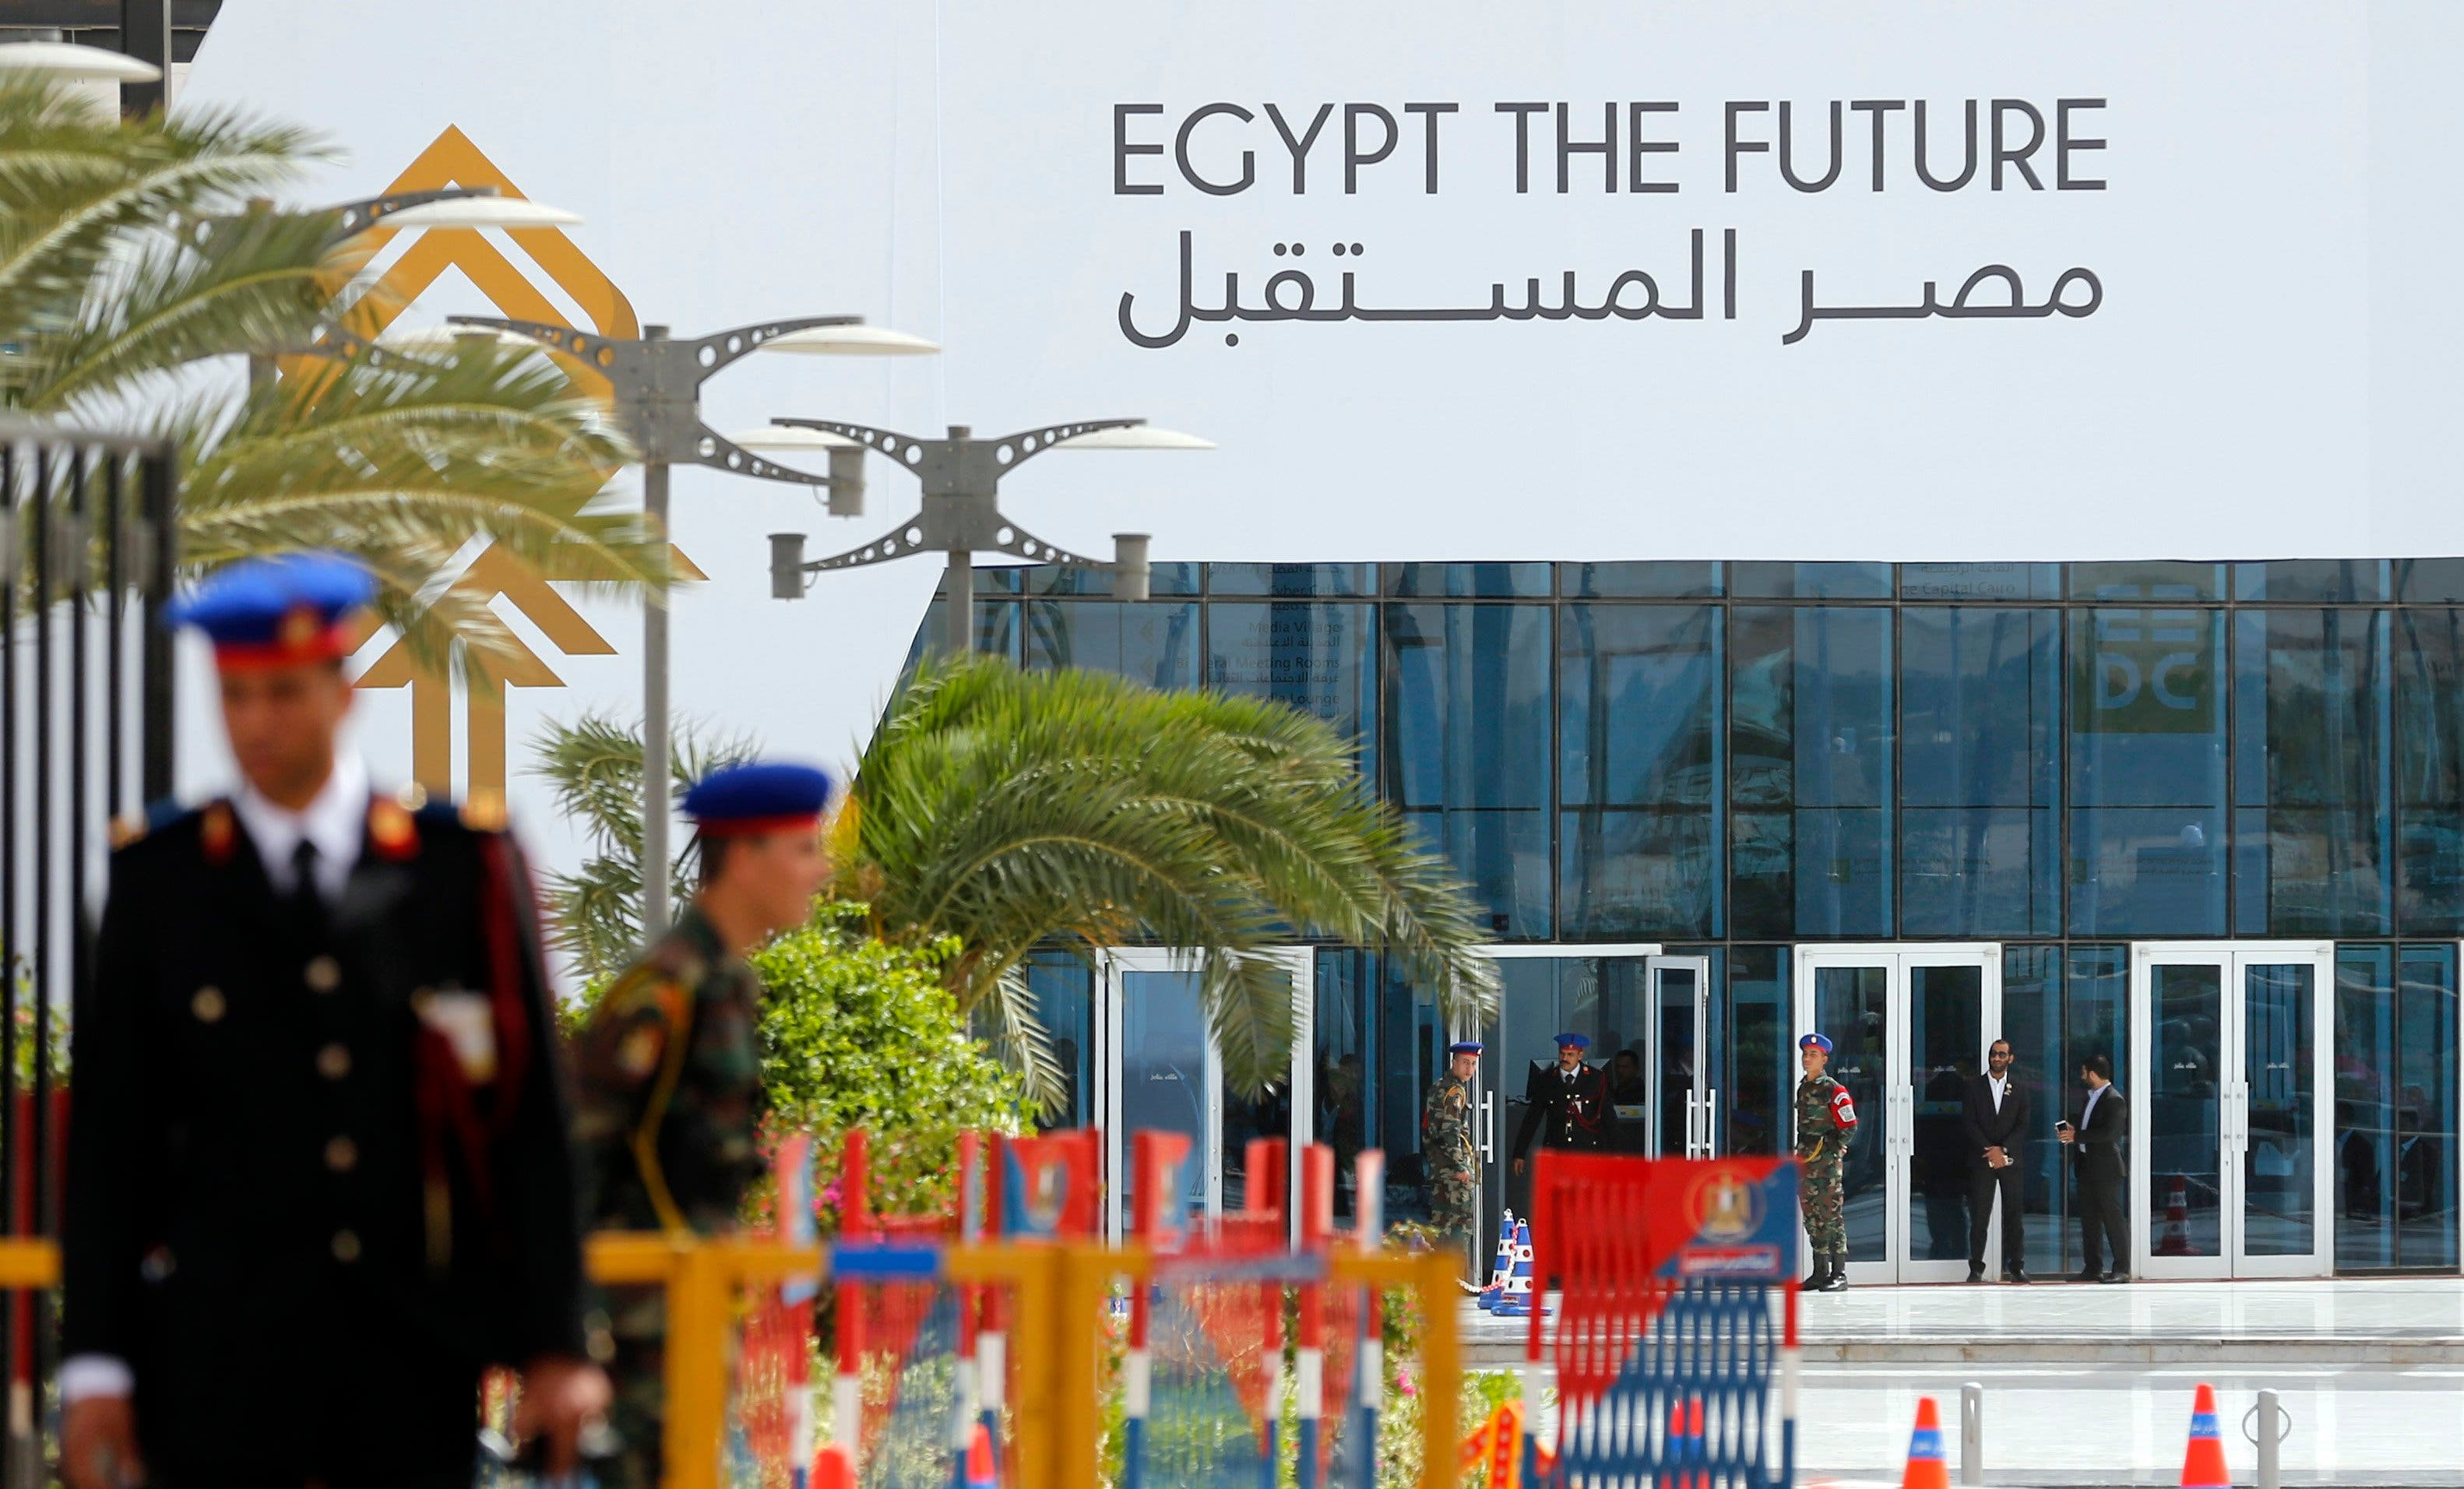 المساعدات الى مصر 91bd7609-bfea-4d2e-8cb1-6a09ad20b952